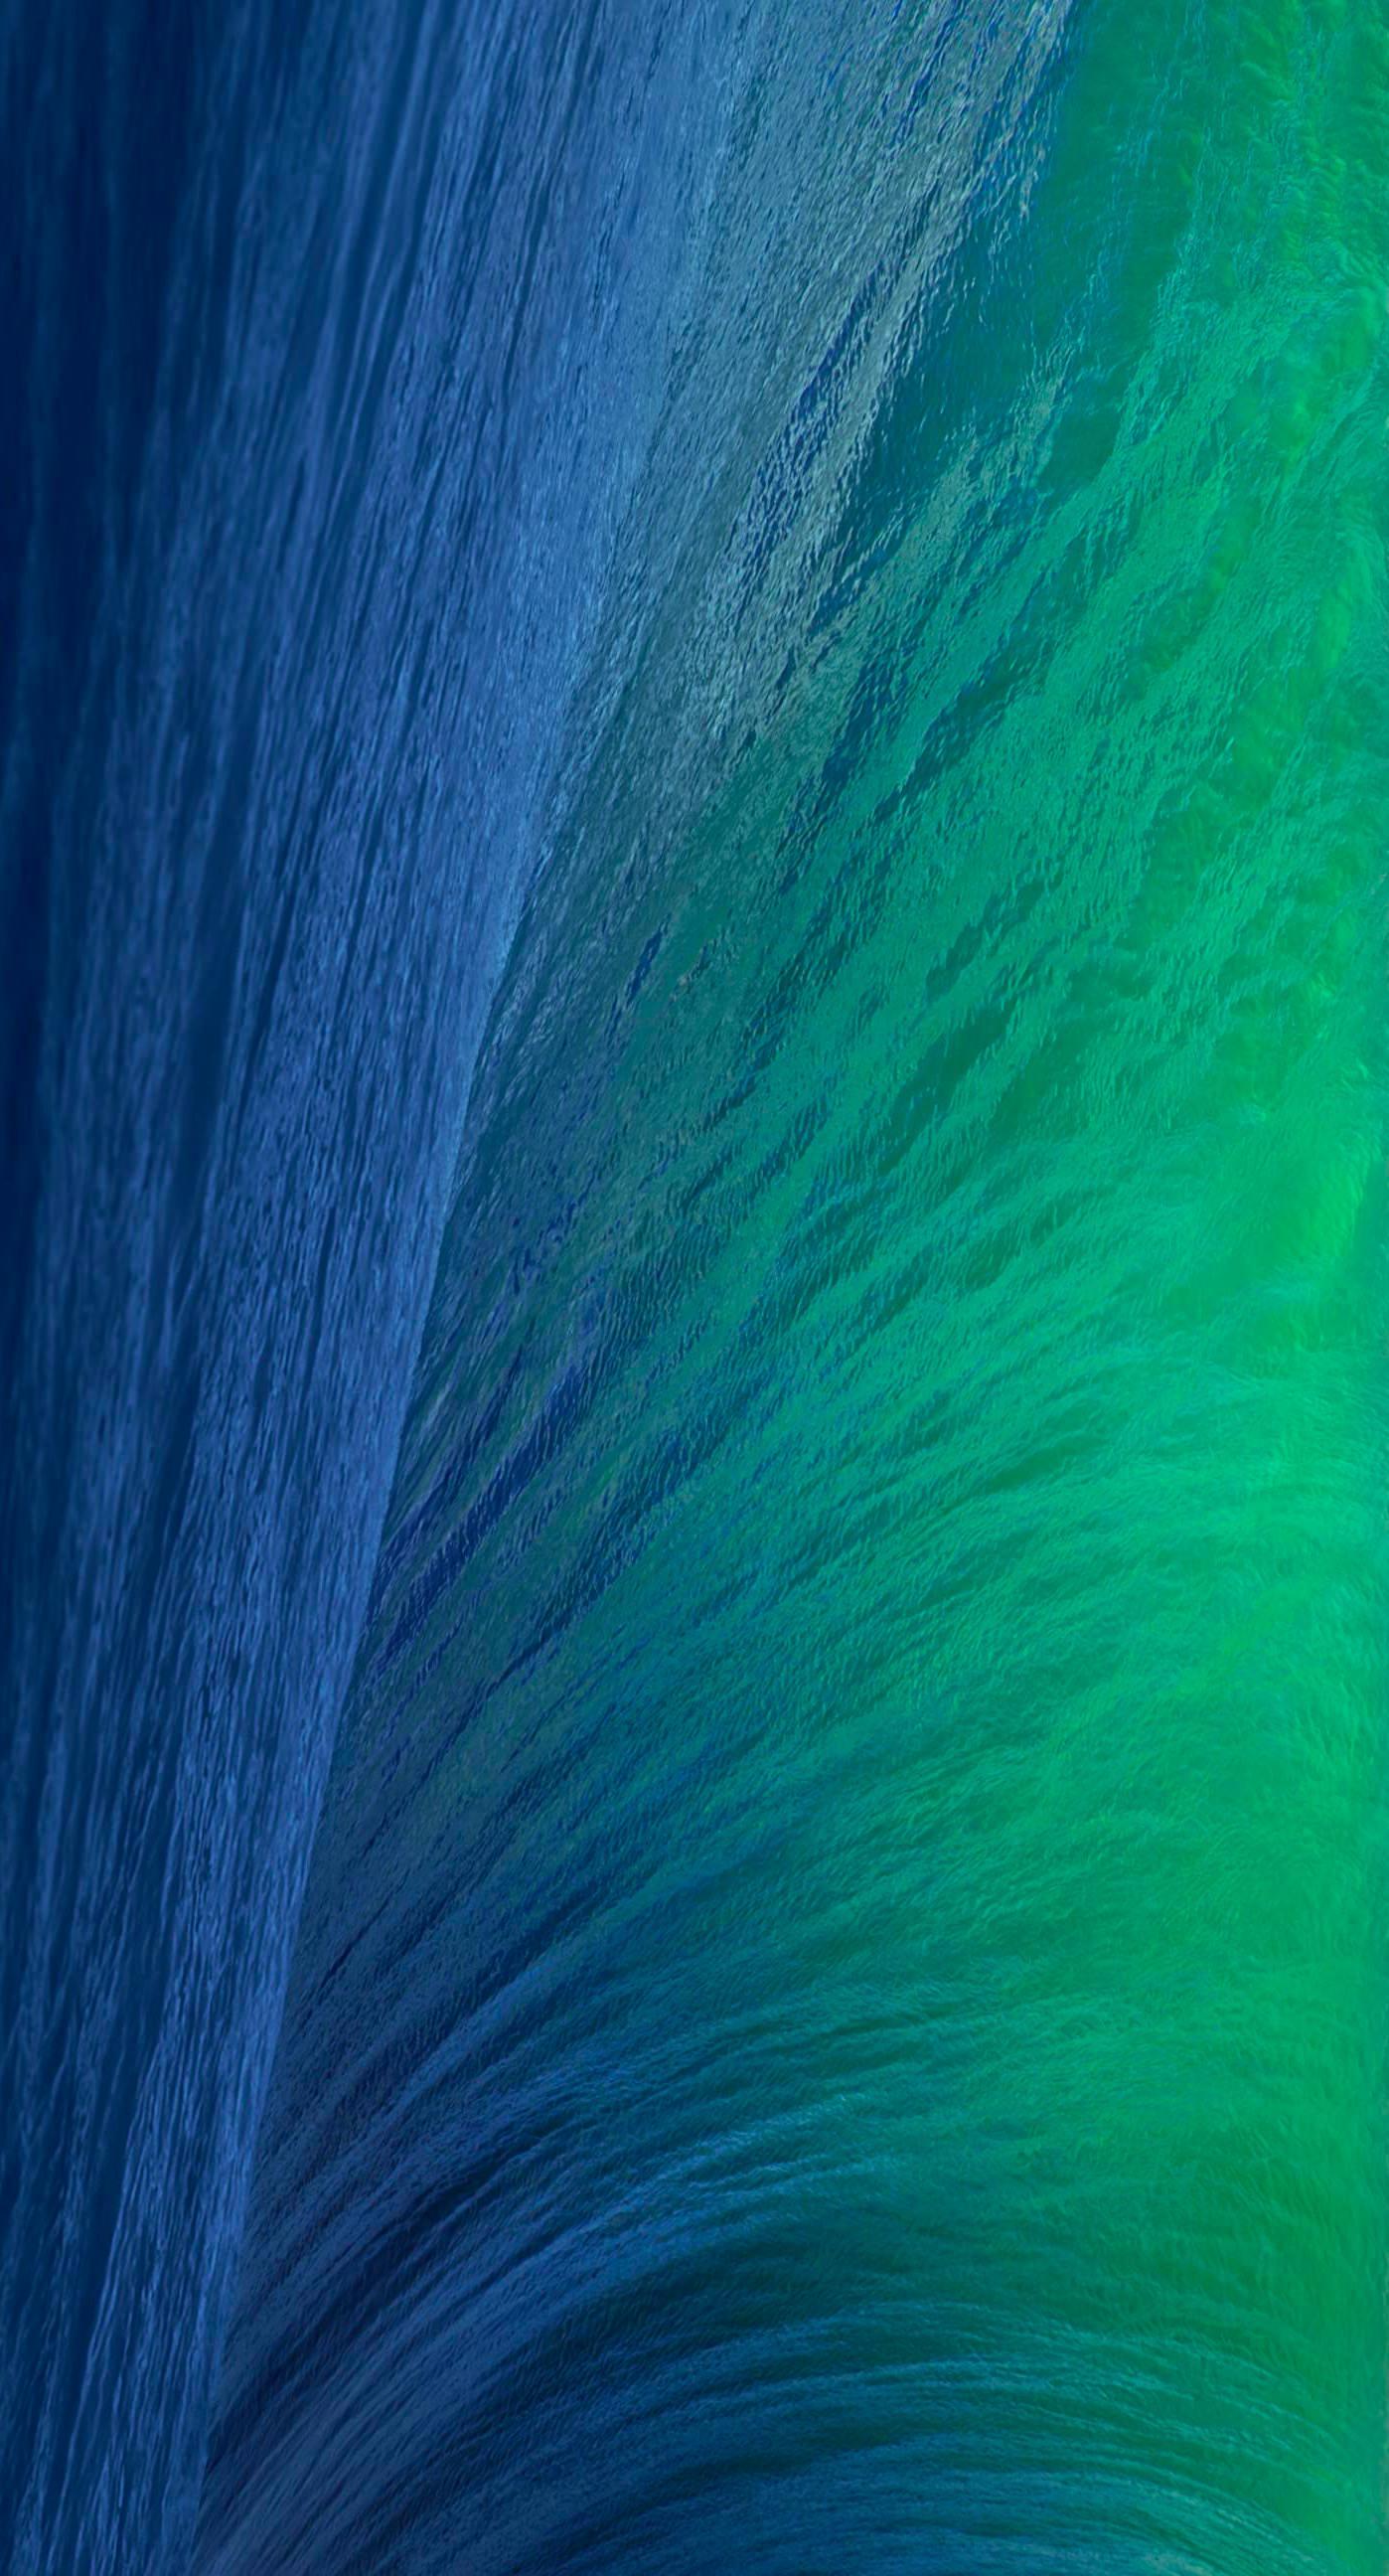 Wallpaper iphone keren - Iphone 8 Plus Wallpaper